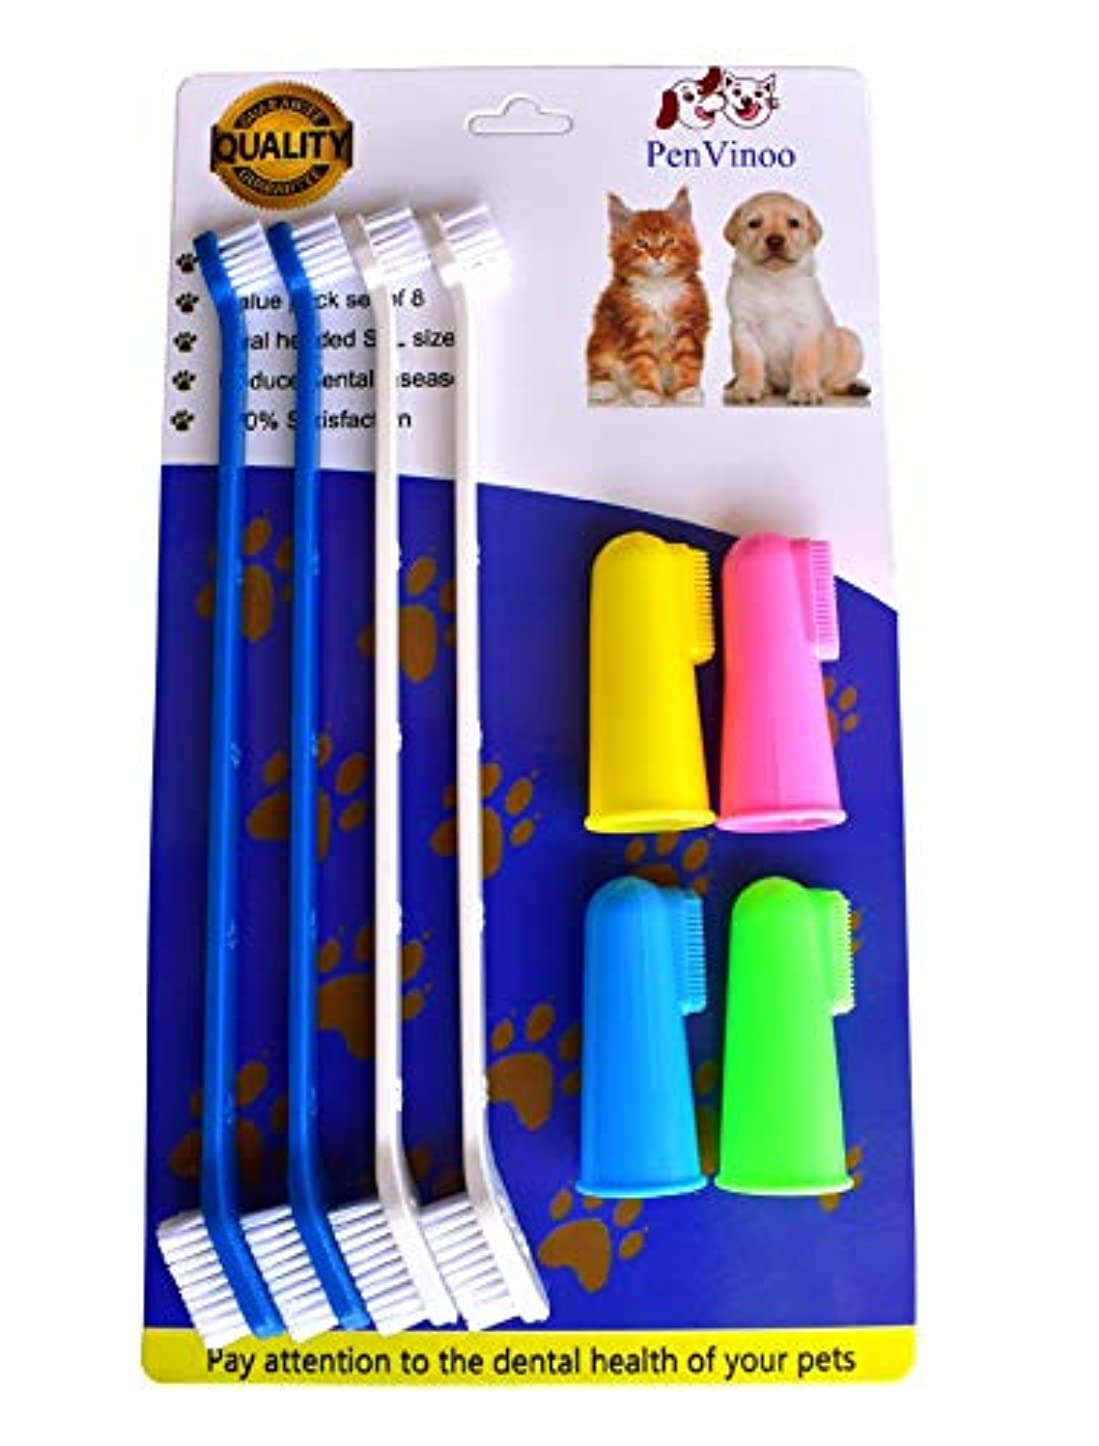 着る練習感嘆RosyLife 大型犬 小さなペット 犬柔らかい歯ブラシ犬用歯ブラシ指歯ブラシ ペット 歯ブラシ 4中性サイズ+ 4頭歯ブラシ